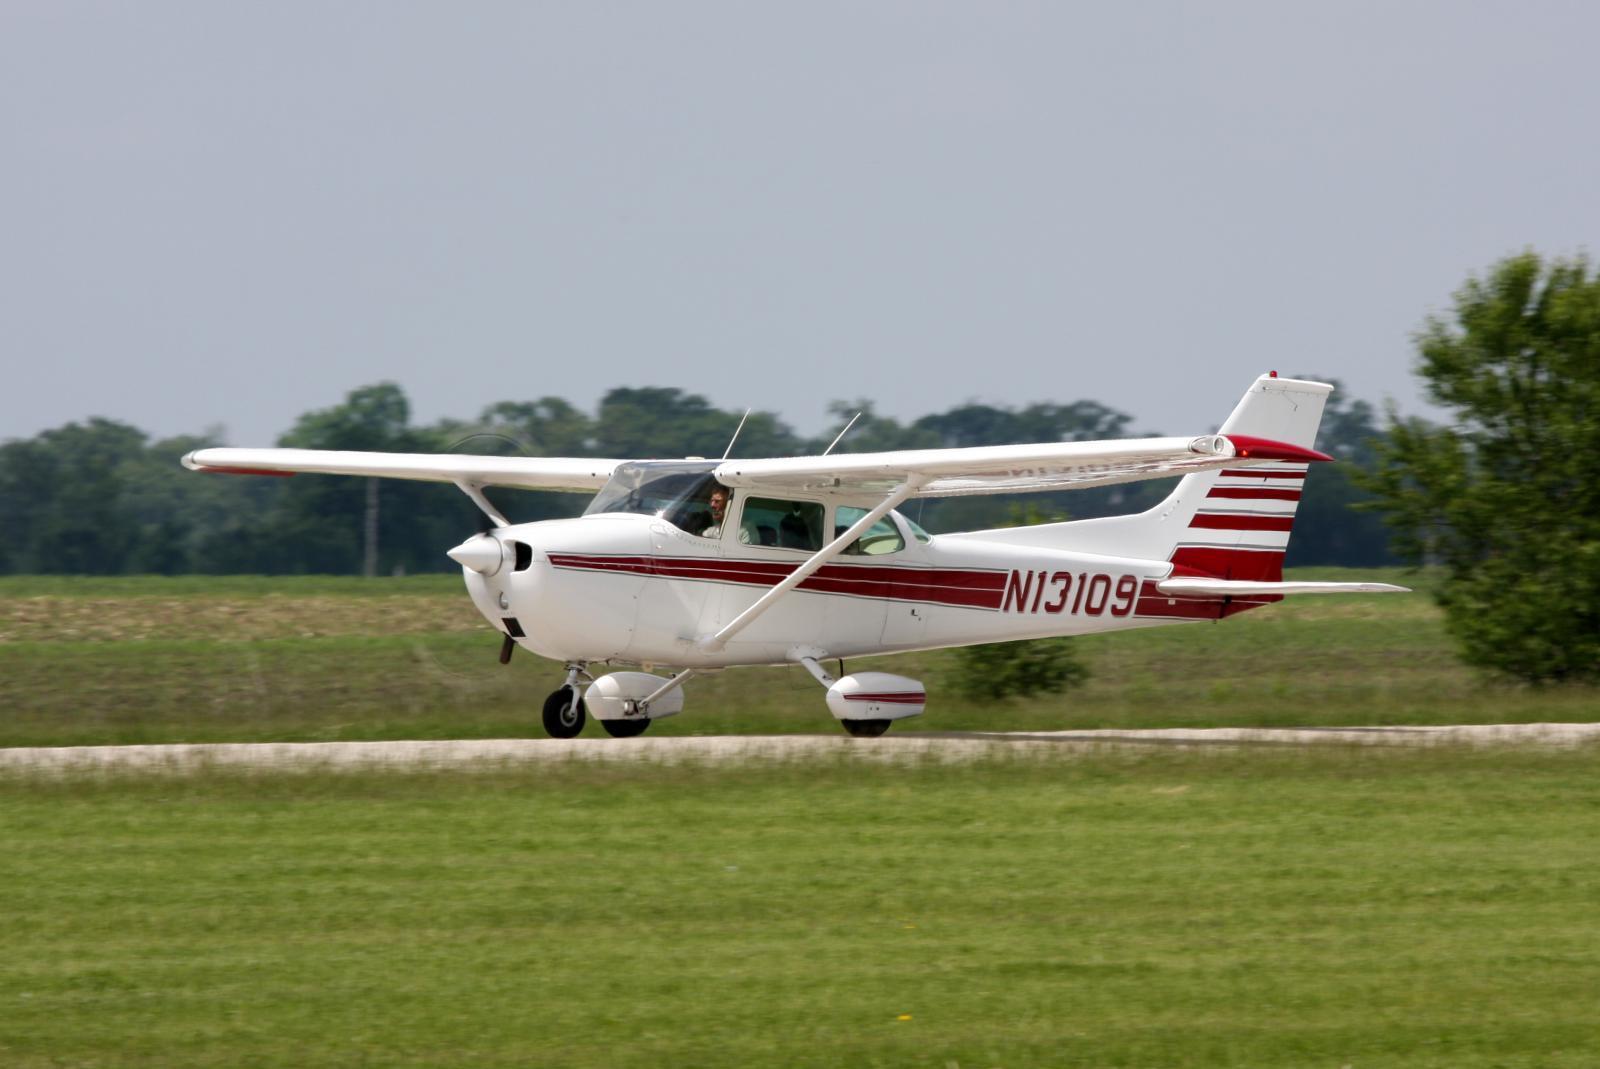 Atterrissage d'un avion sur l'autoroute A40.